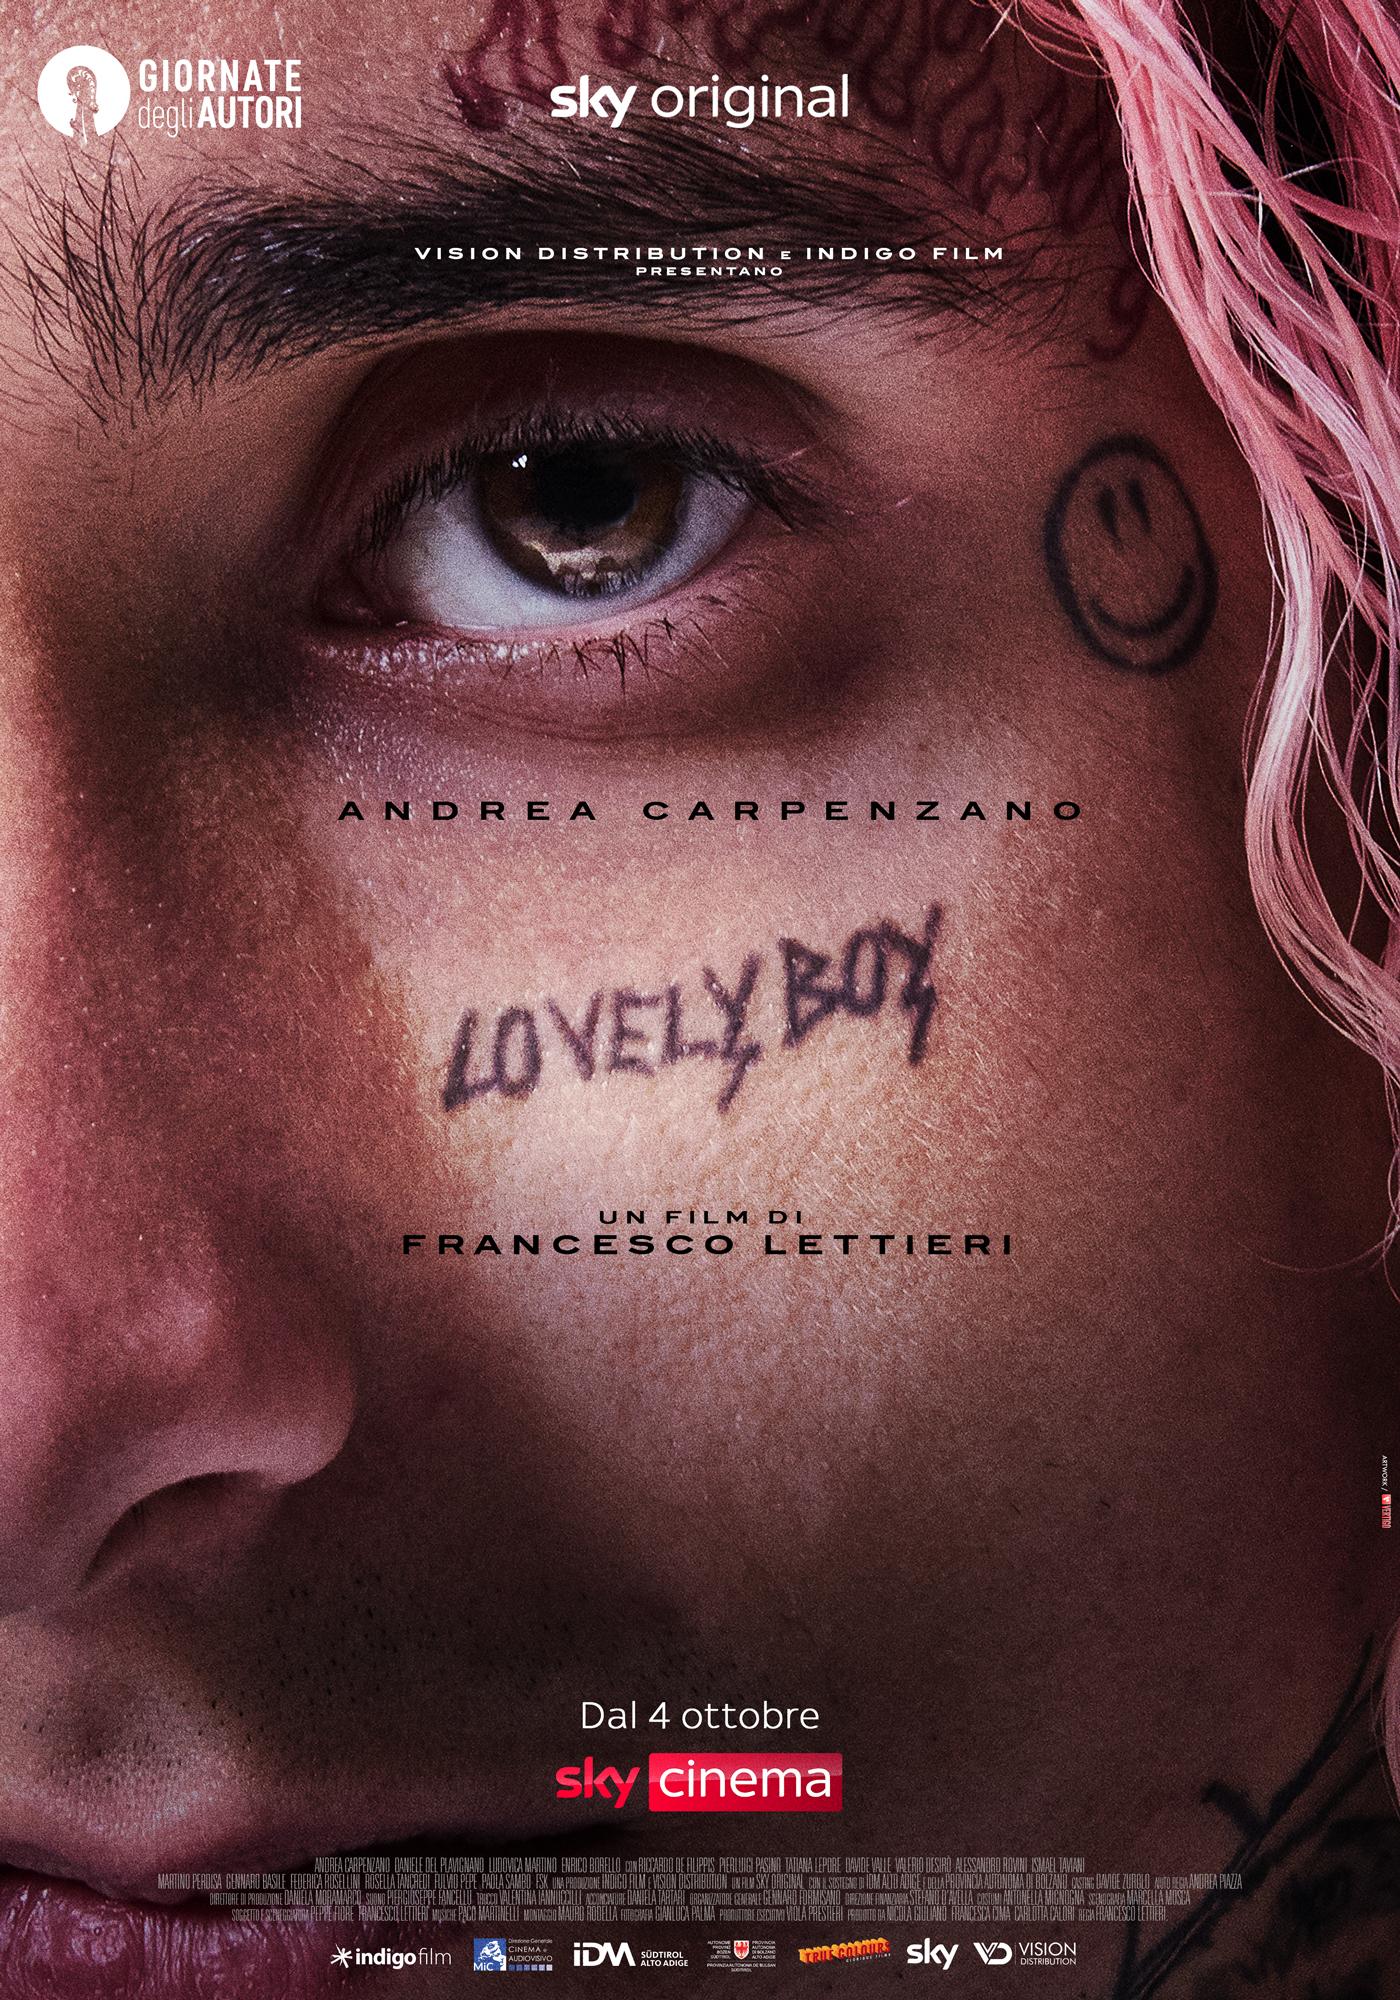 LovelyBoy_[MainPoster_Sky]